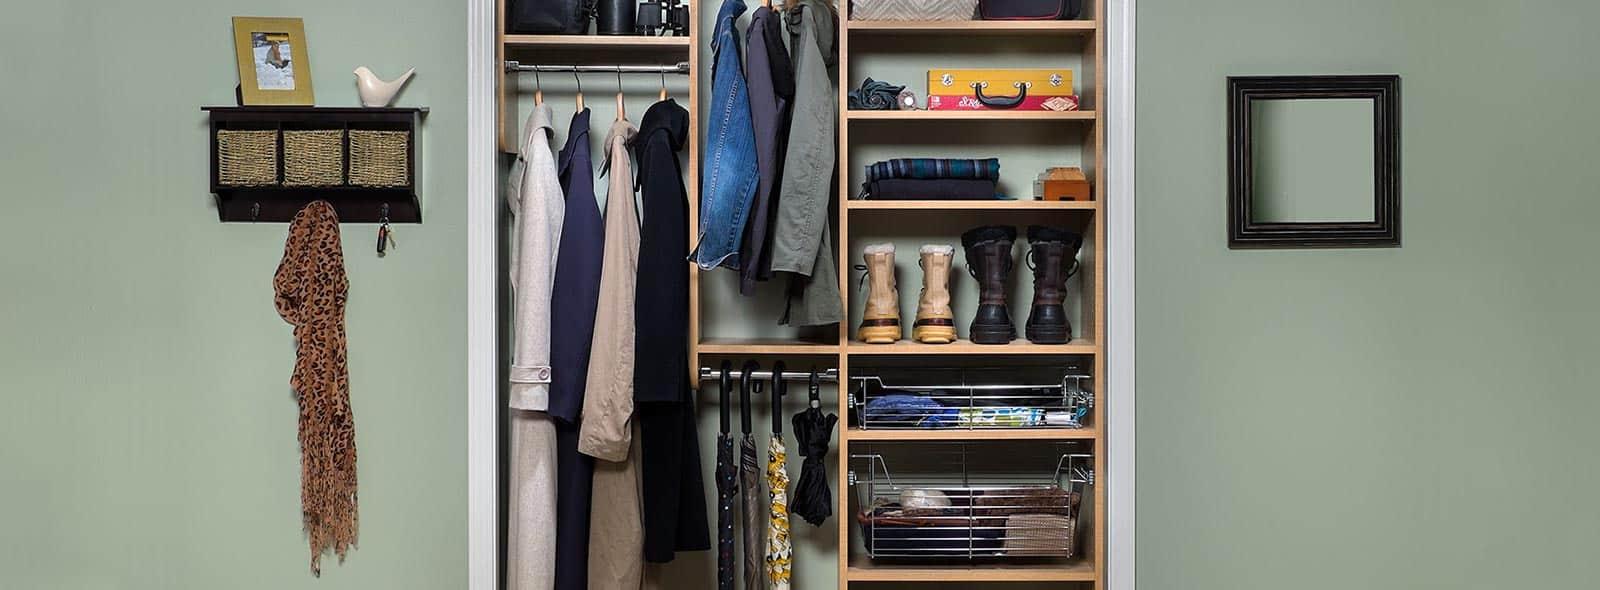 Wieszaki do przedpokoju – najlepsze miejsce na kurtki i płaszcze